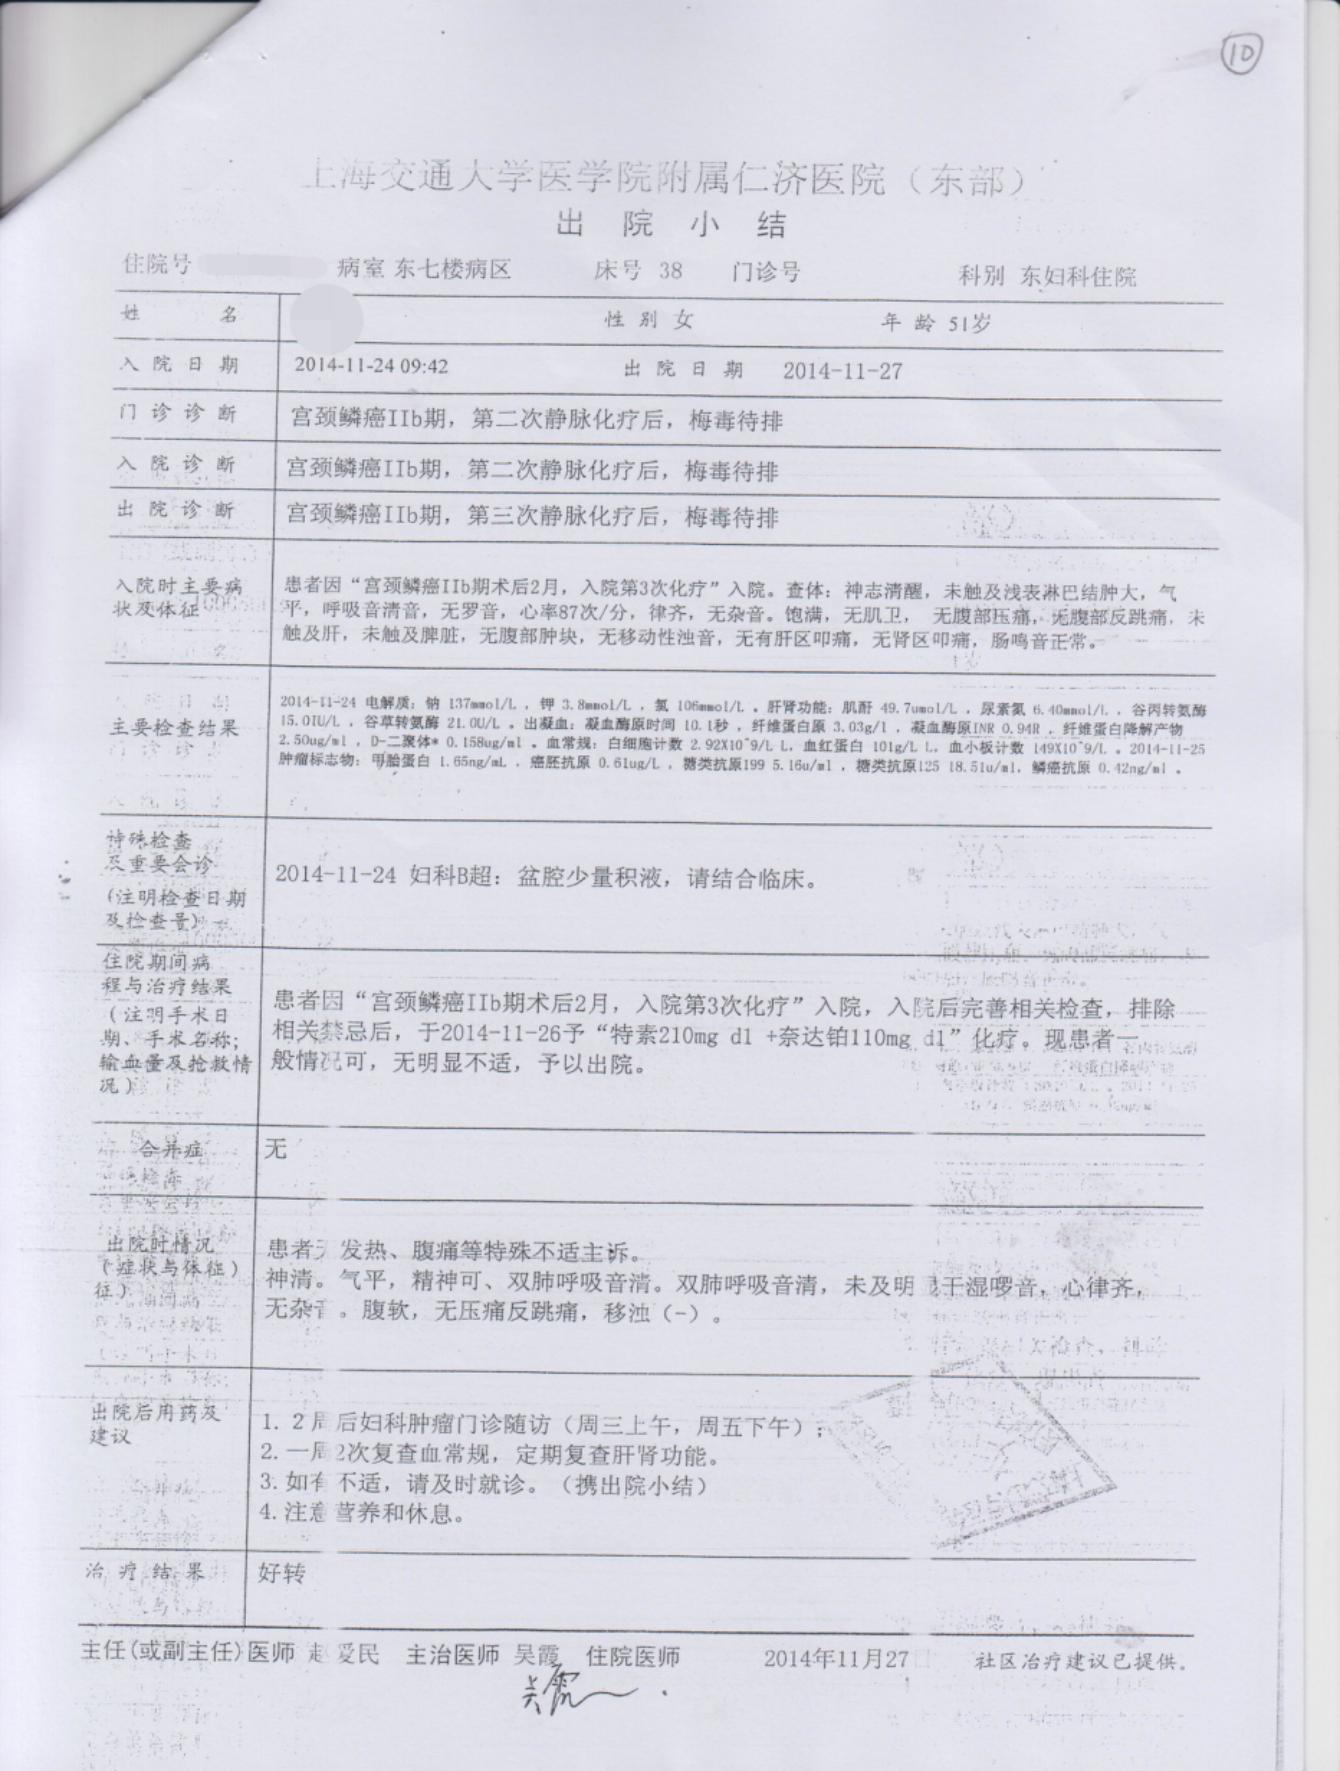 上海私家侦探联系方式 上海的18例地方病都是相关的,两家医院的闭环管理稳定